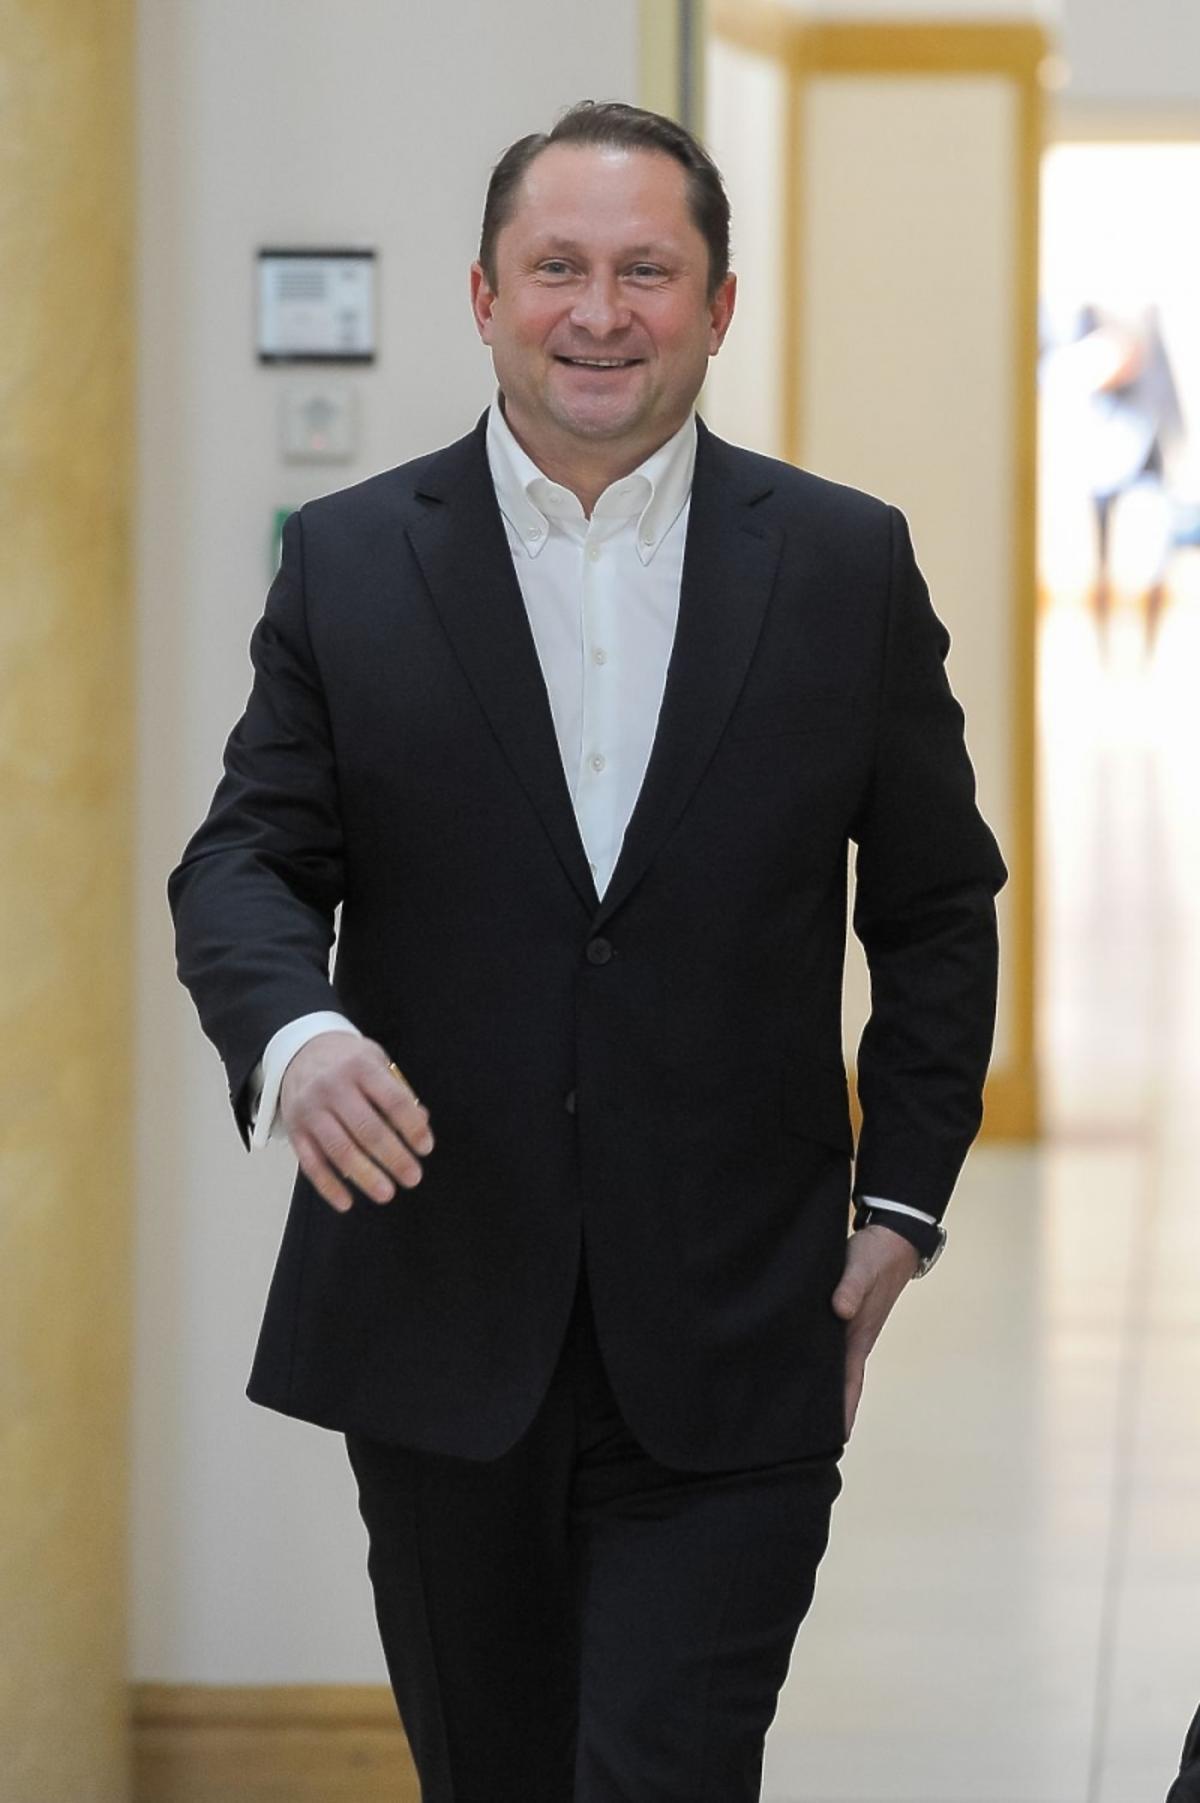 Kamil Durczok w czarnym garniturze i białej koszuli w sądzie